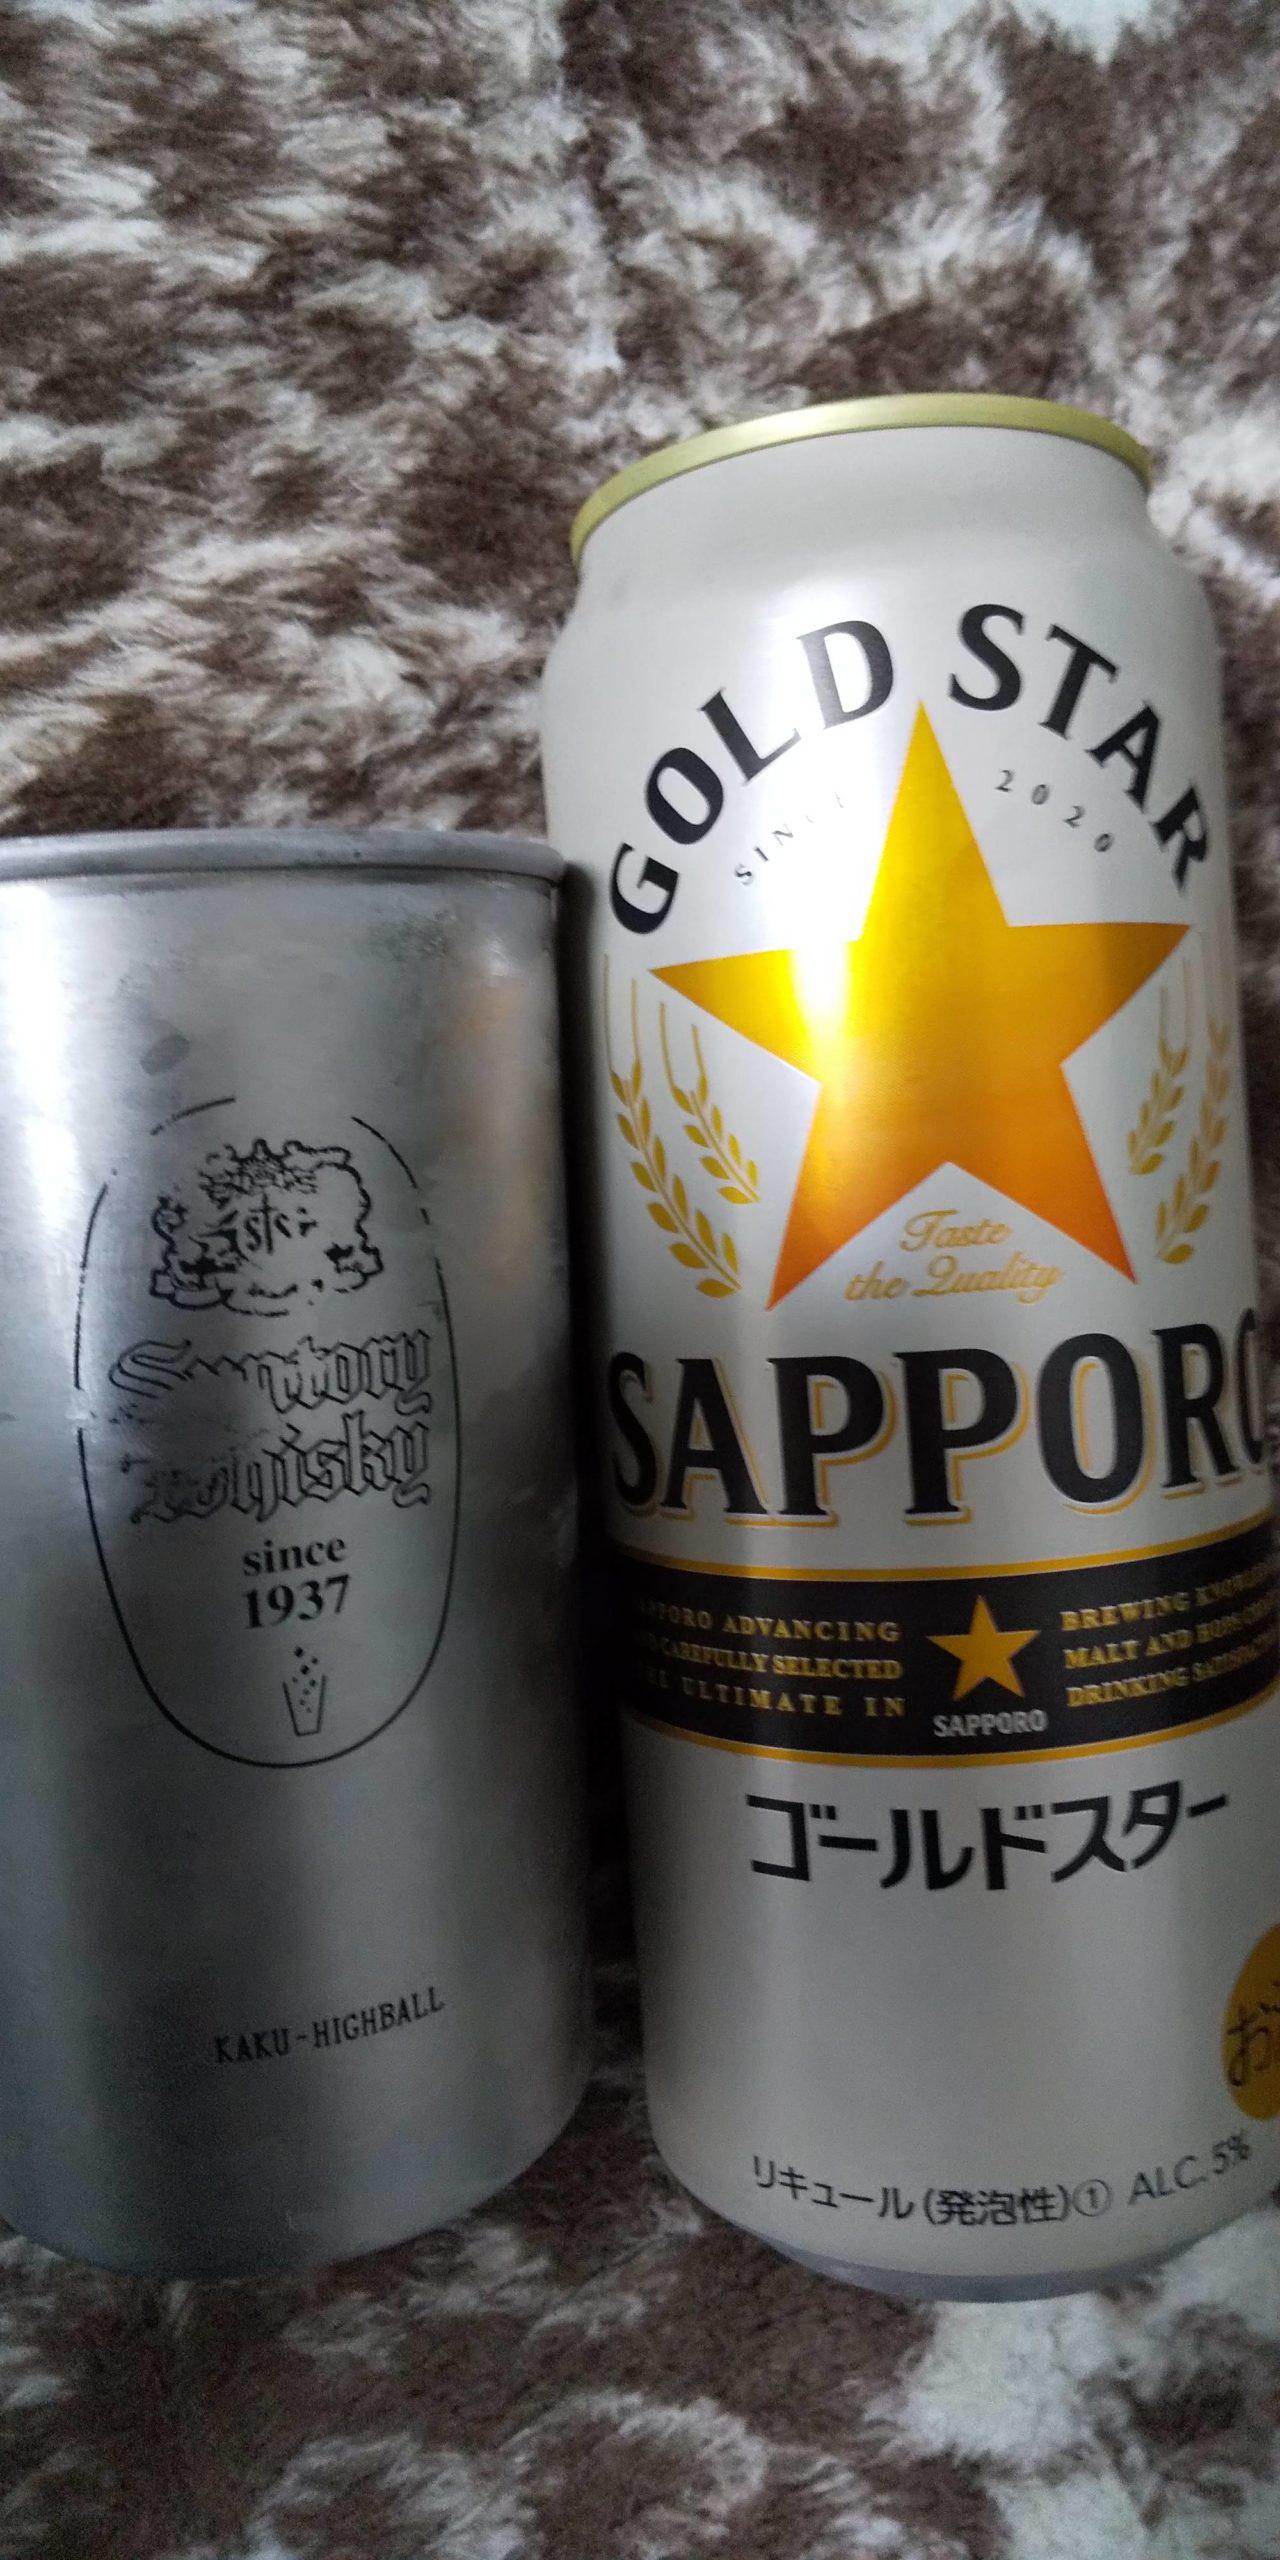 俺だっていいビール飲むことだってあるんだ【画像あり】